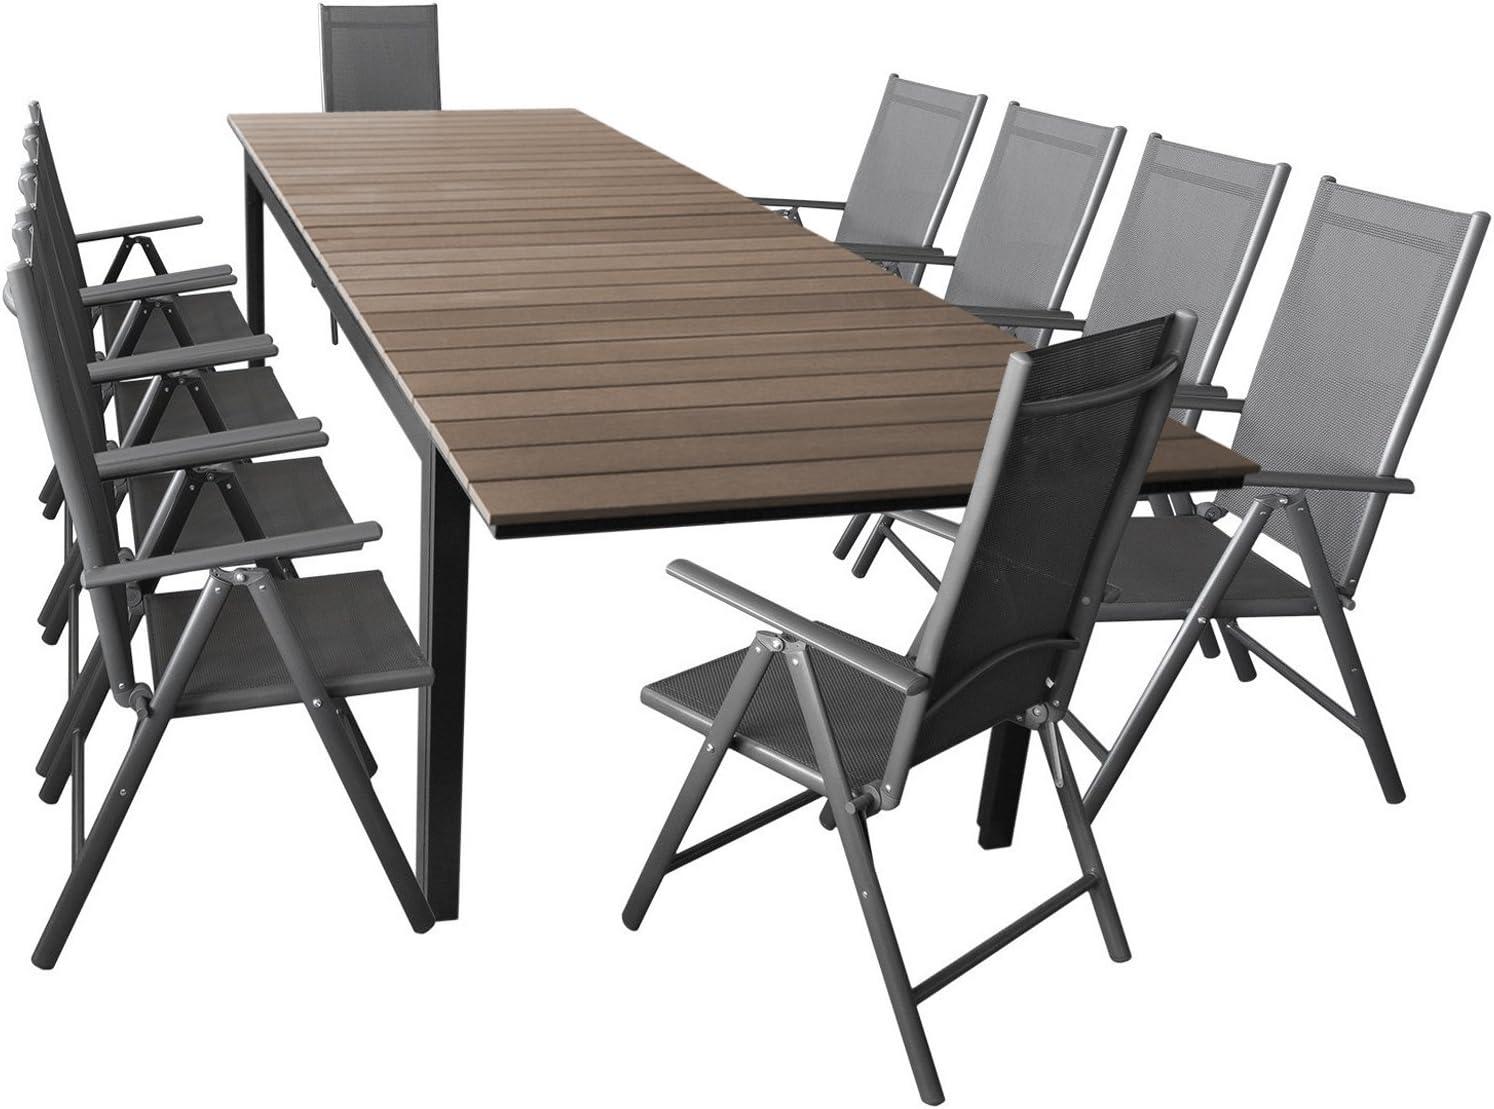 WOHAGA Elegante Asiento Cama de 11/Piezas Asiento Grupo Jard/ín/ /Mesa Extensible 280//220/x 95/cm /Muebles de Jard/ín Terraza Juego de Muebles Aluminio polywood/ 10/x Respaldo Alto 2/x